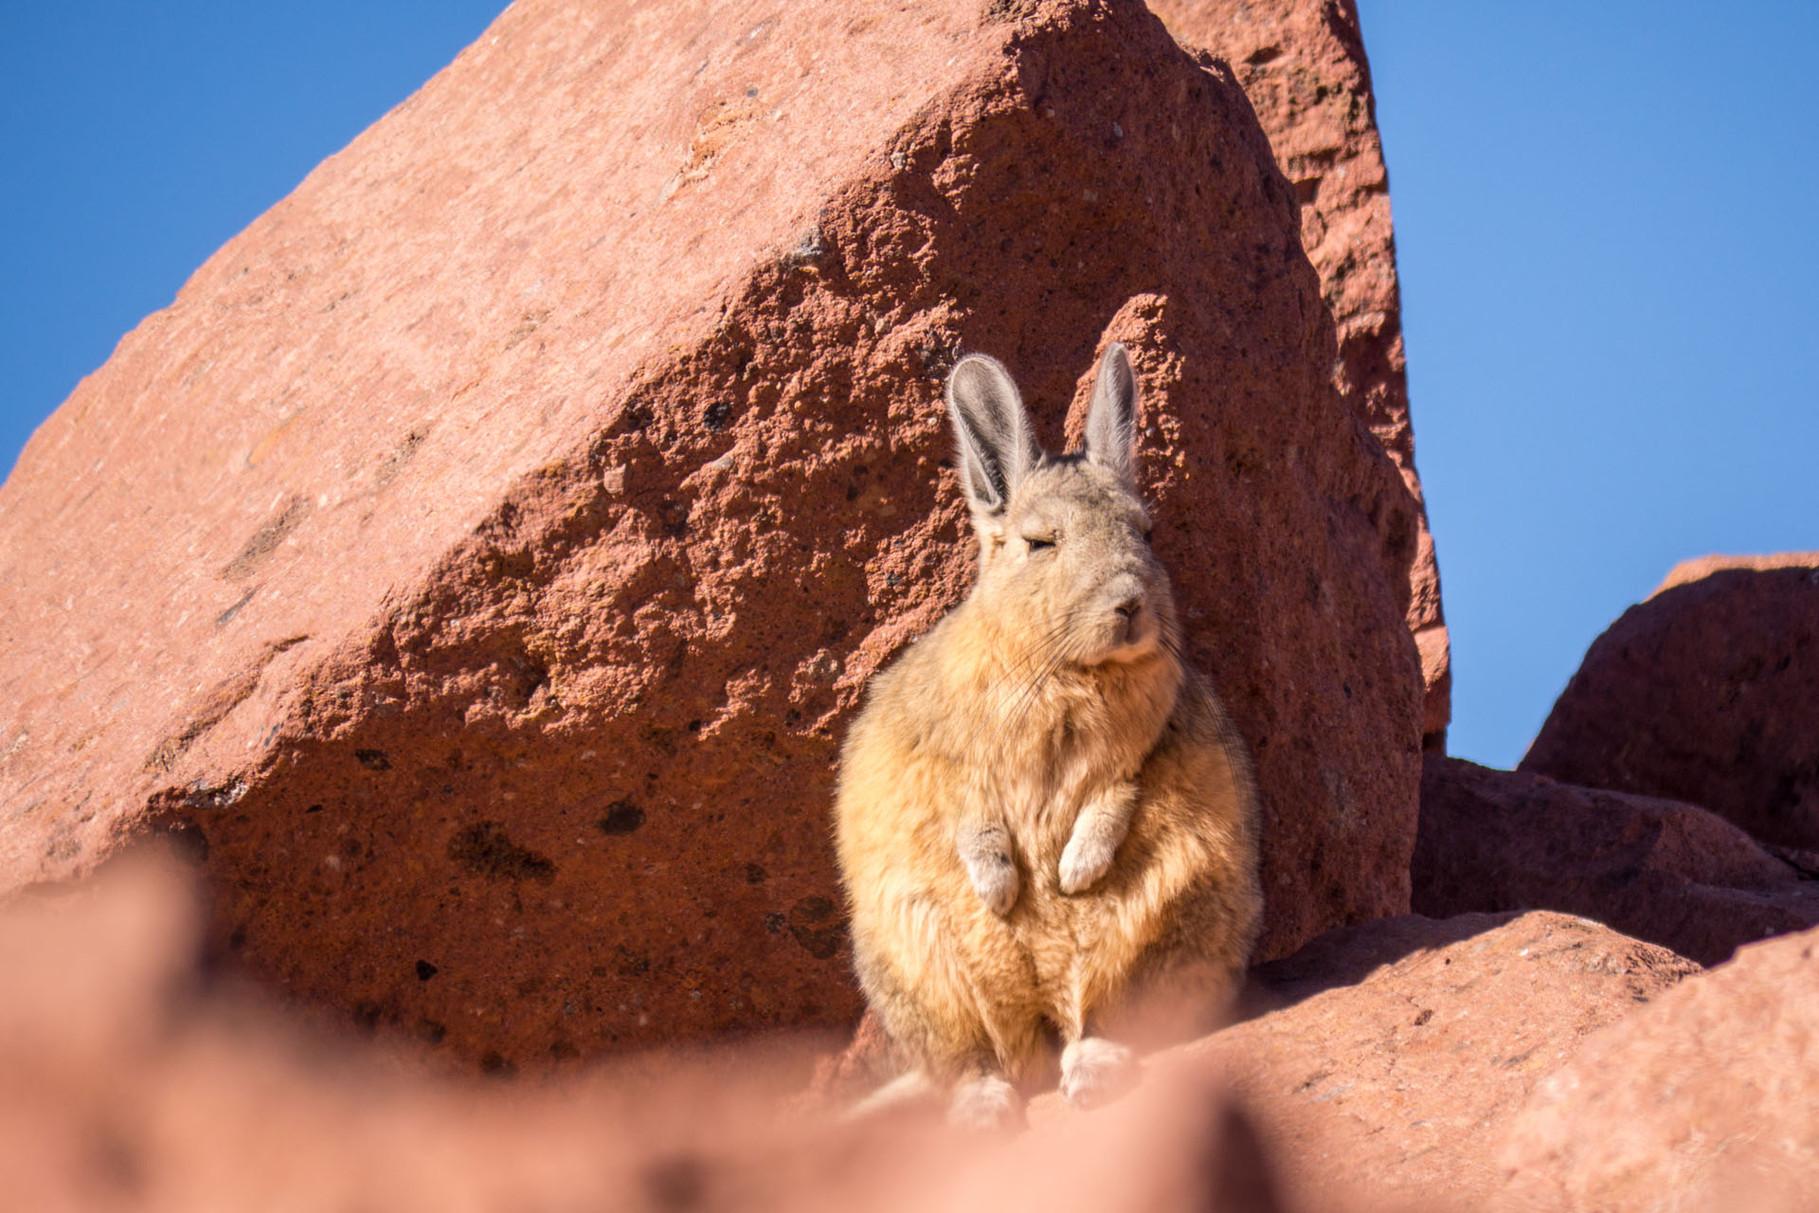 Mountain rabbit, Aguas Calientes, near San Pedro de Atacama, Chile